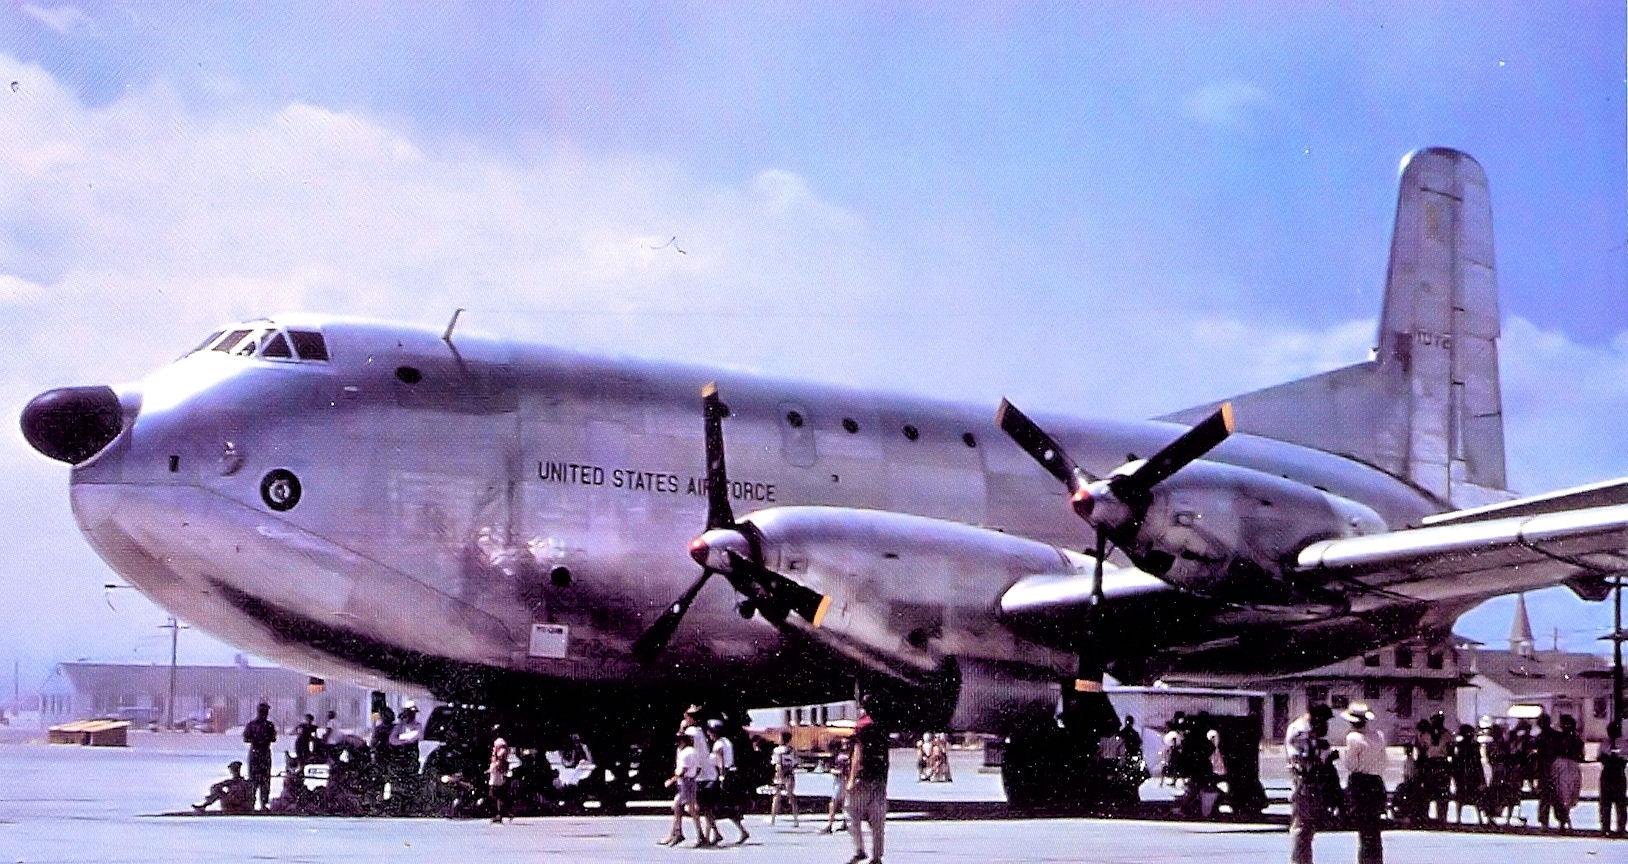 Douglas YC-124B